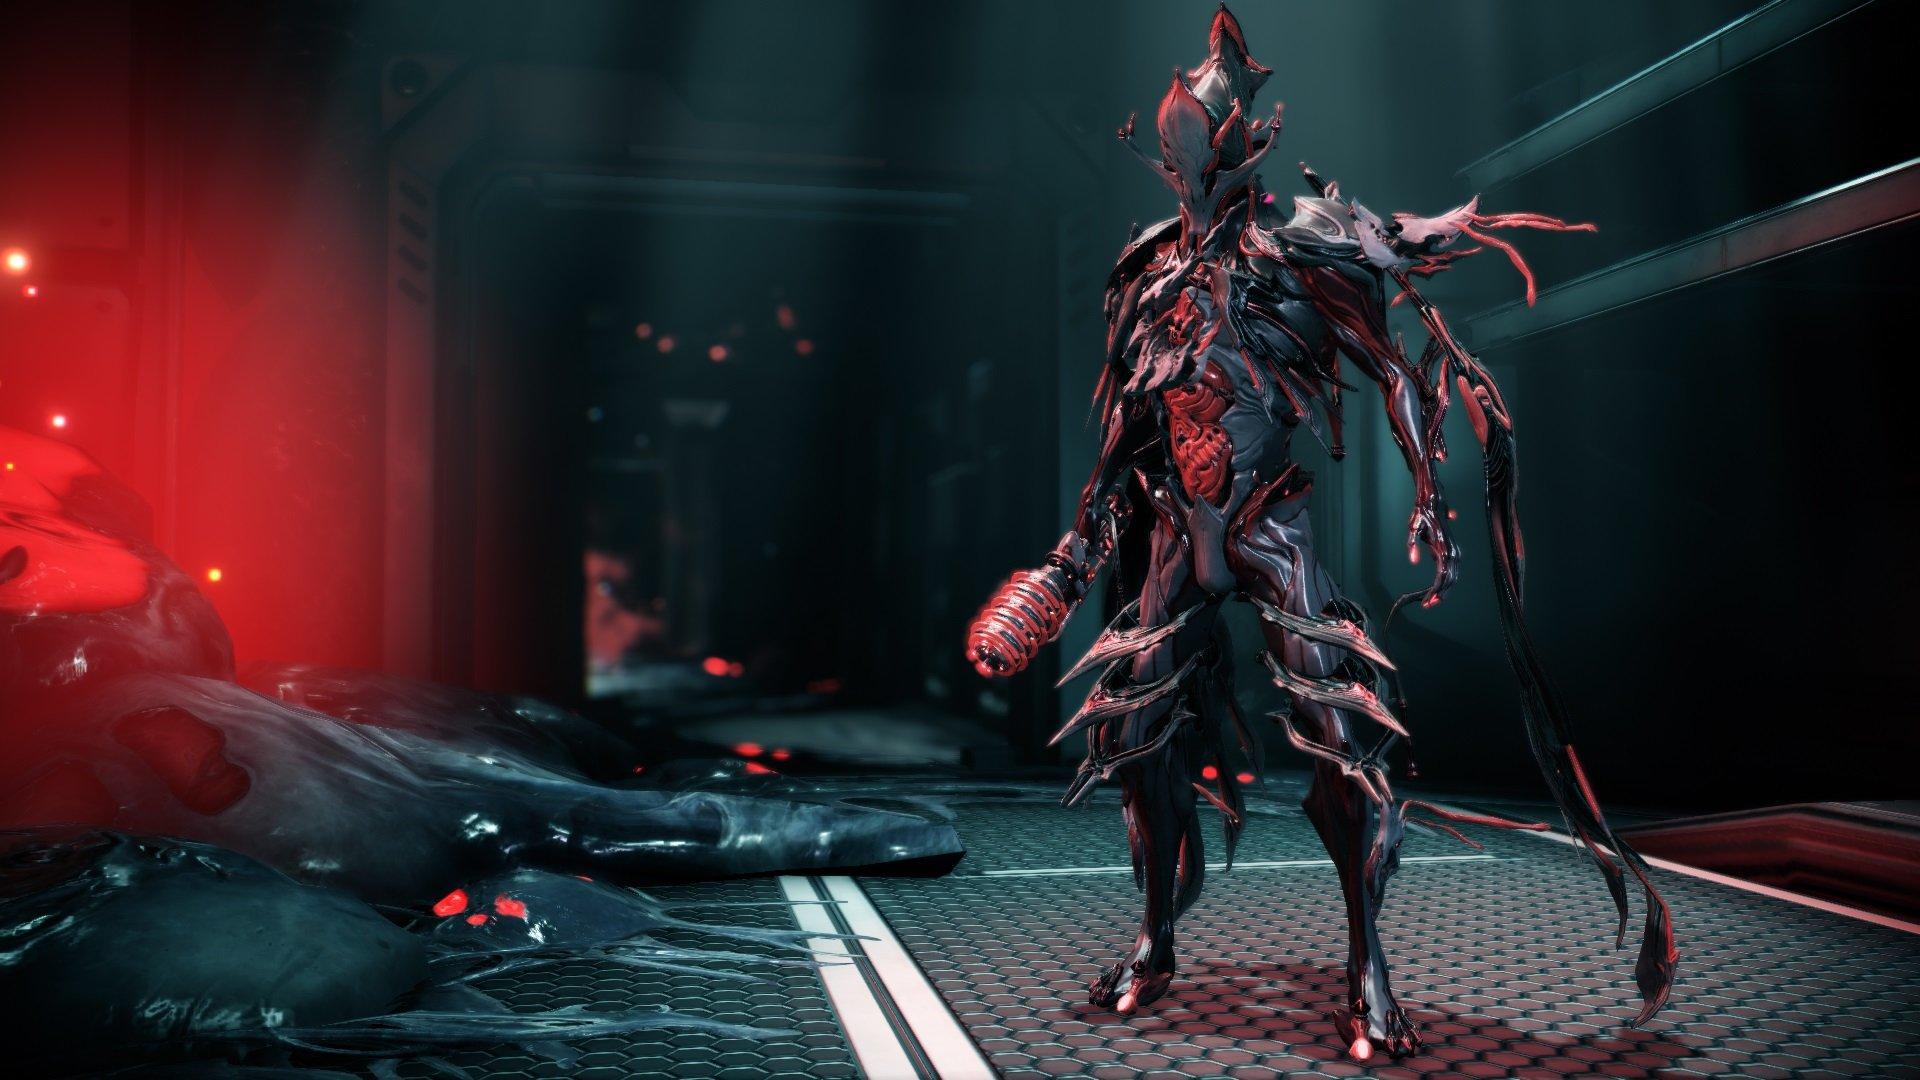 Regardez le Warframe Empyrean révéler pour obtenir Nekros Prime libre